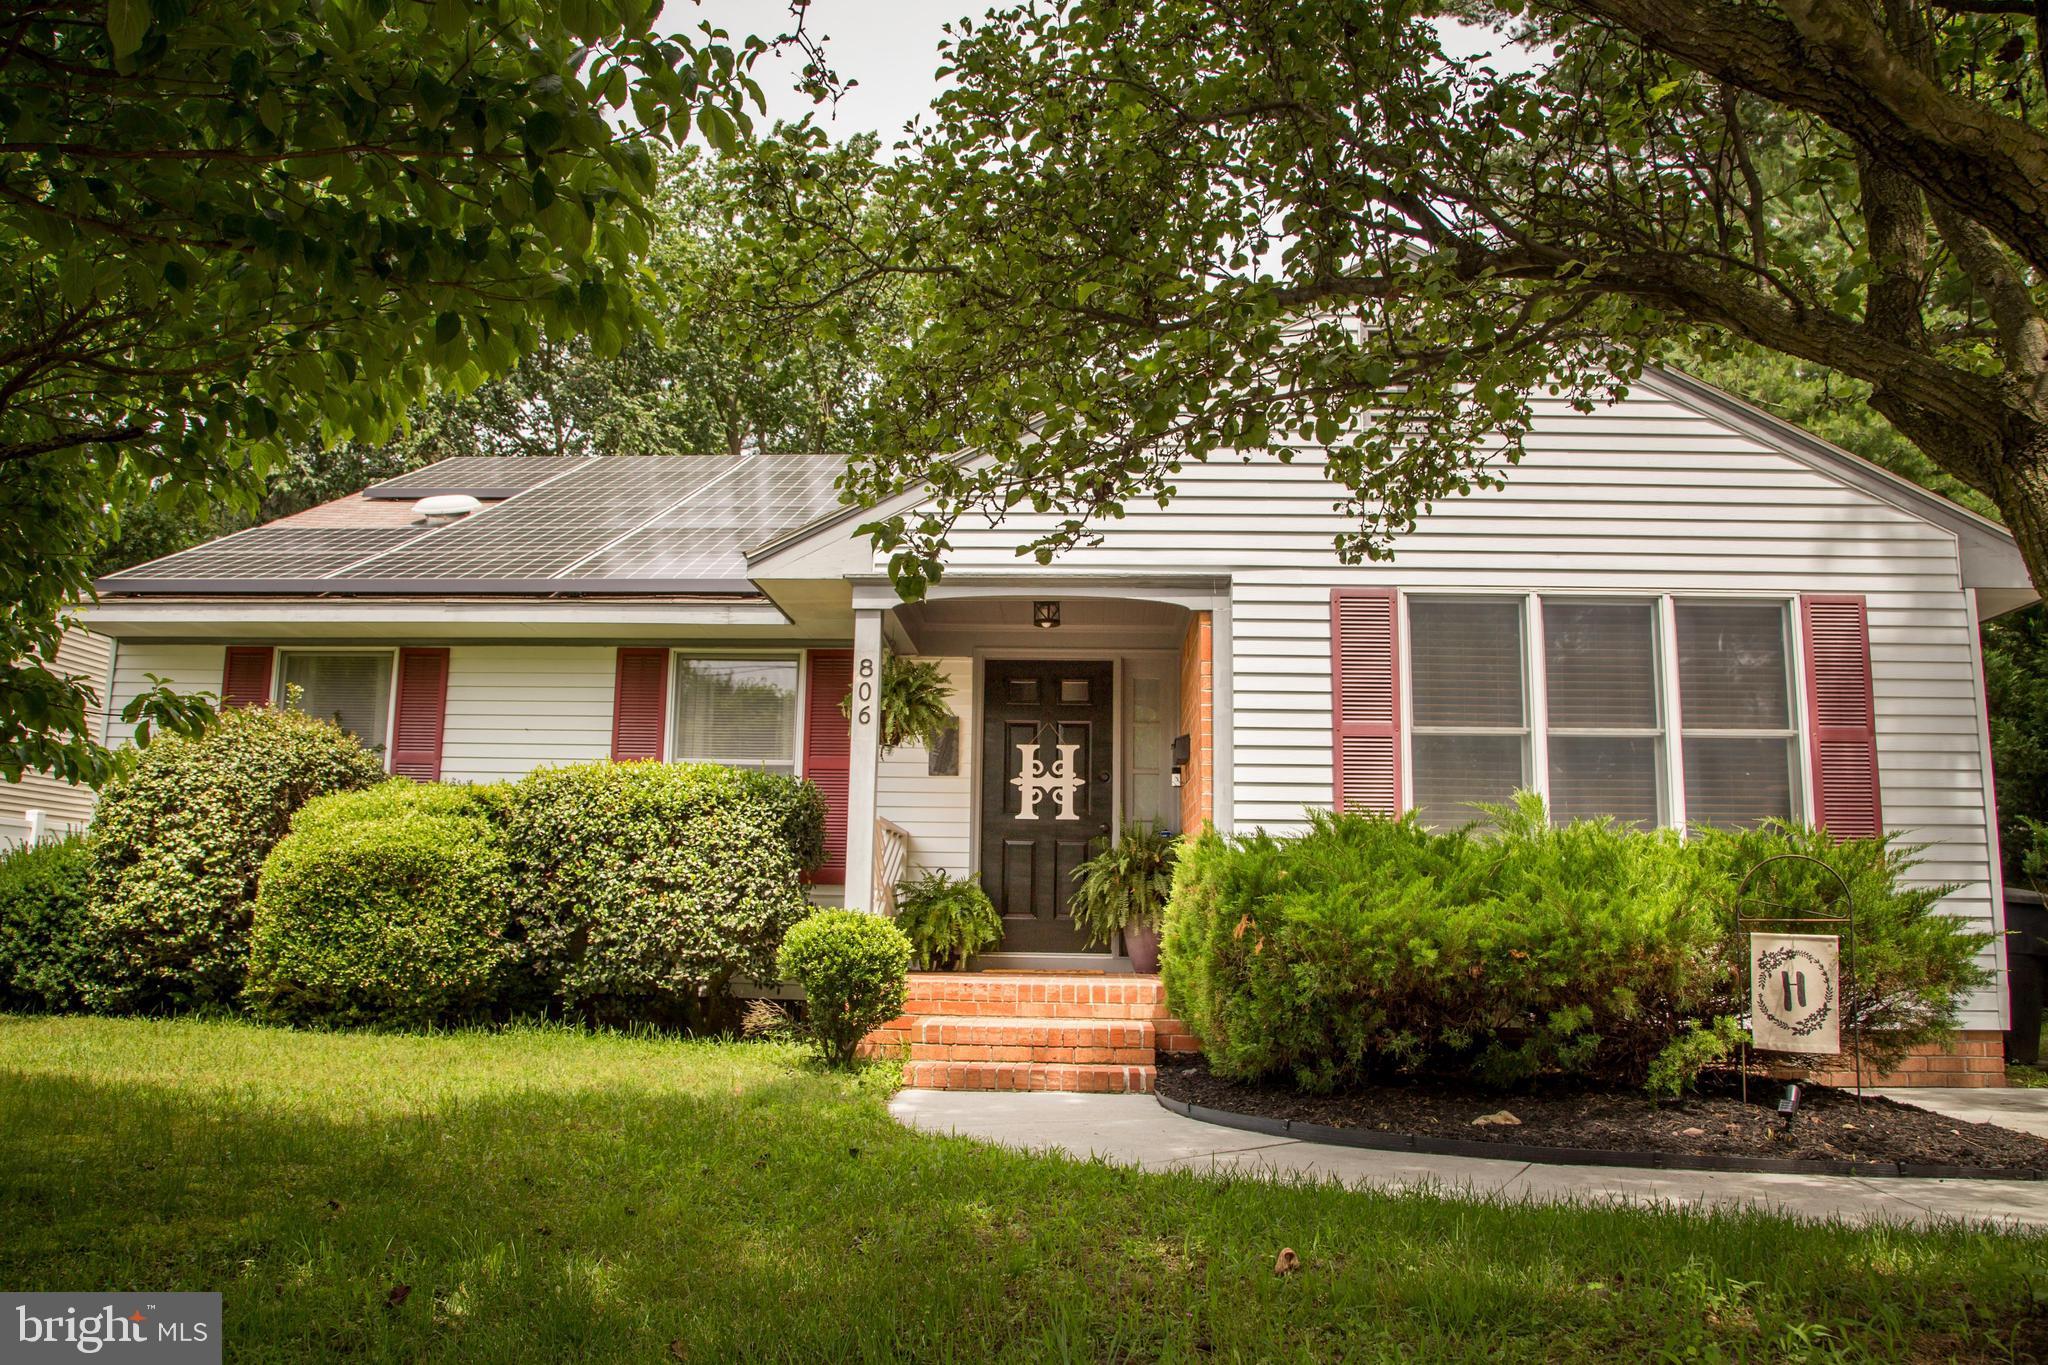 806 Riverside Rd, Salisbury, MD, 21801